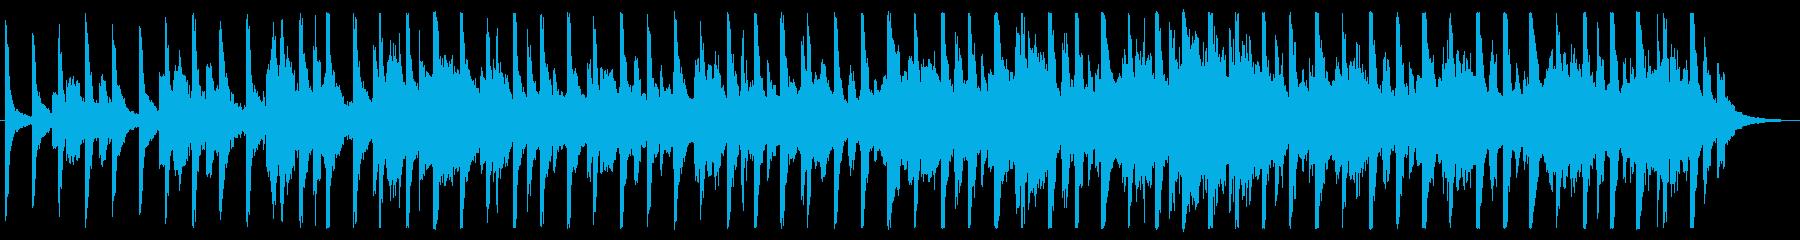 アパレルCMに合う4つ打ちシンセポップの再生済みの波形